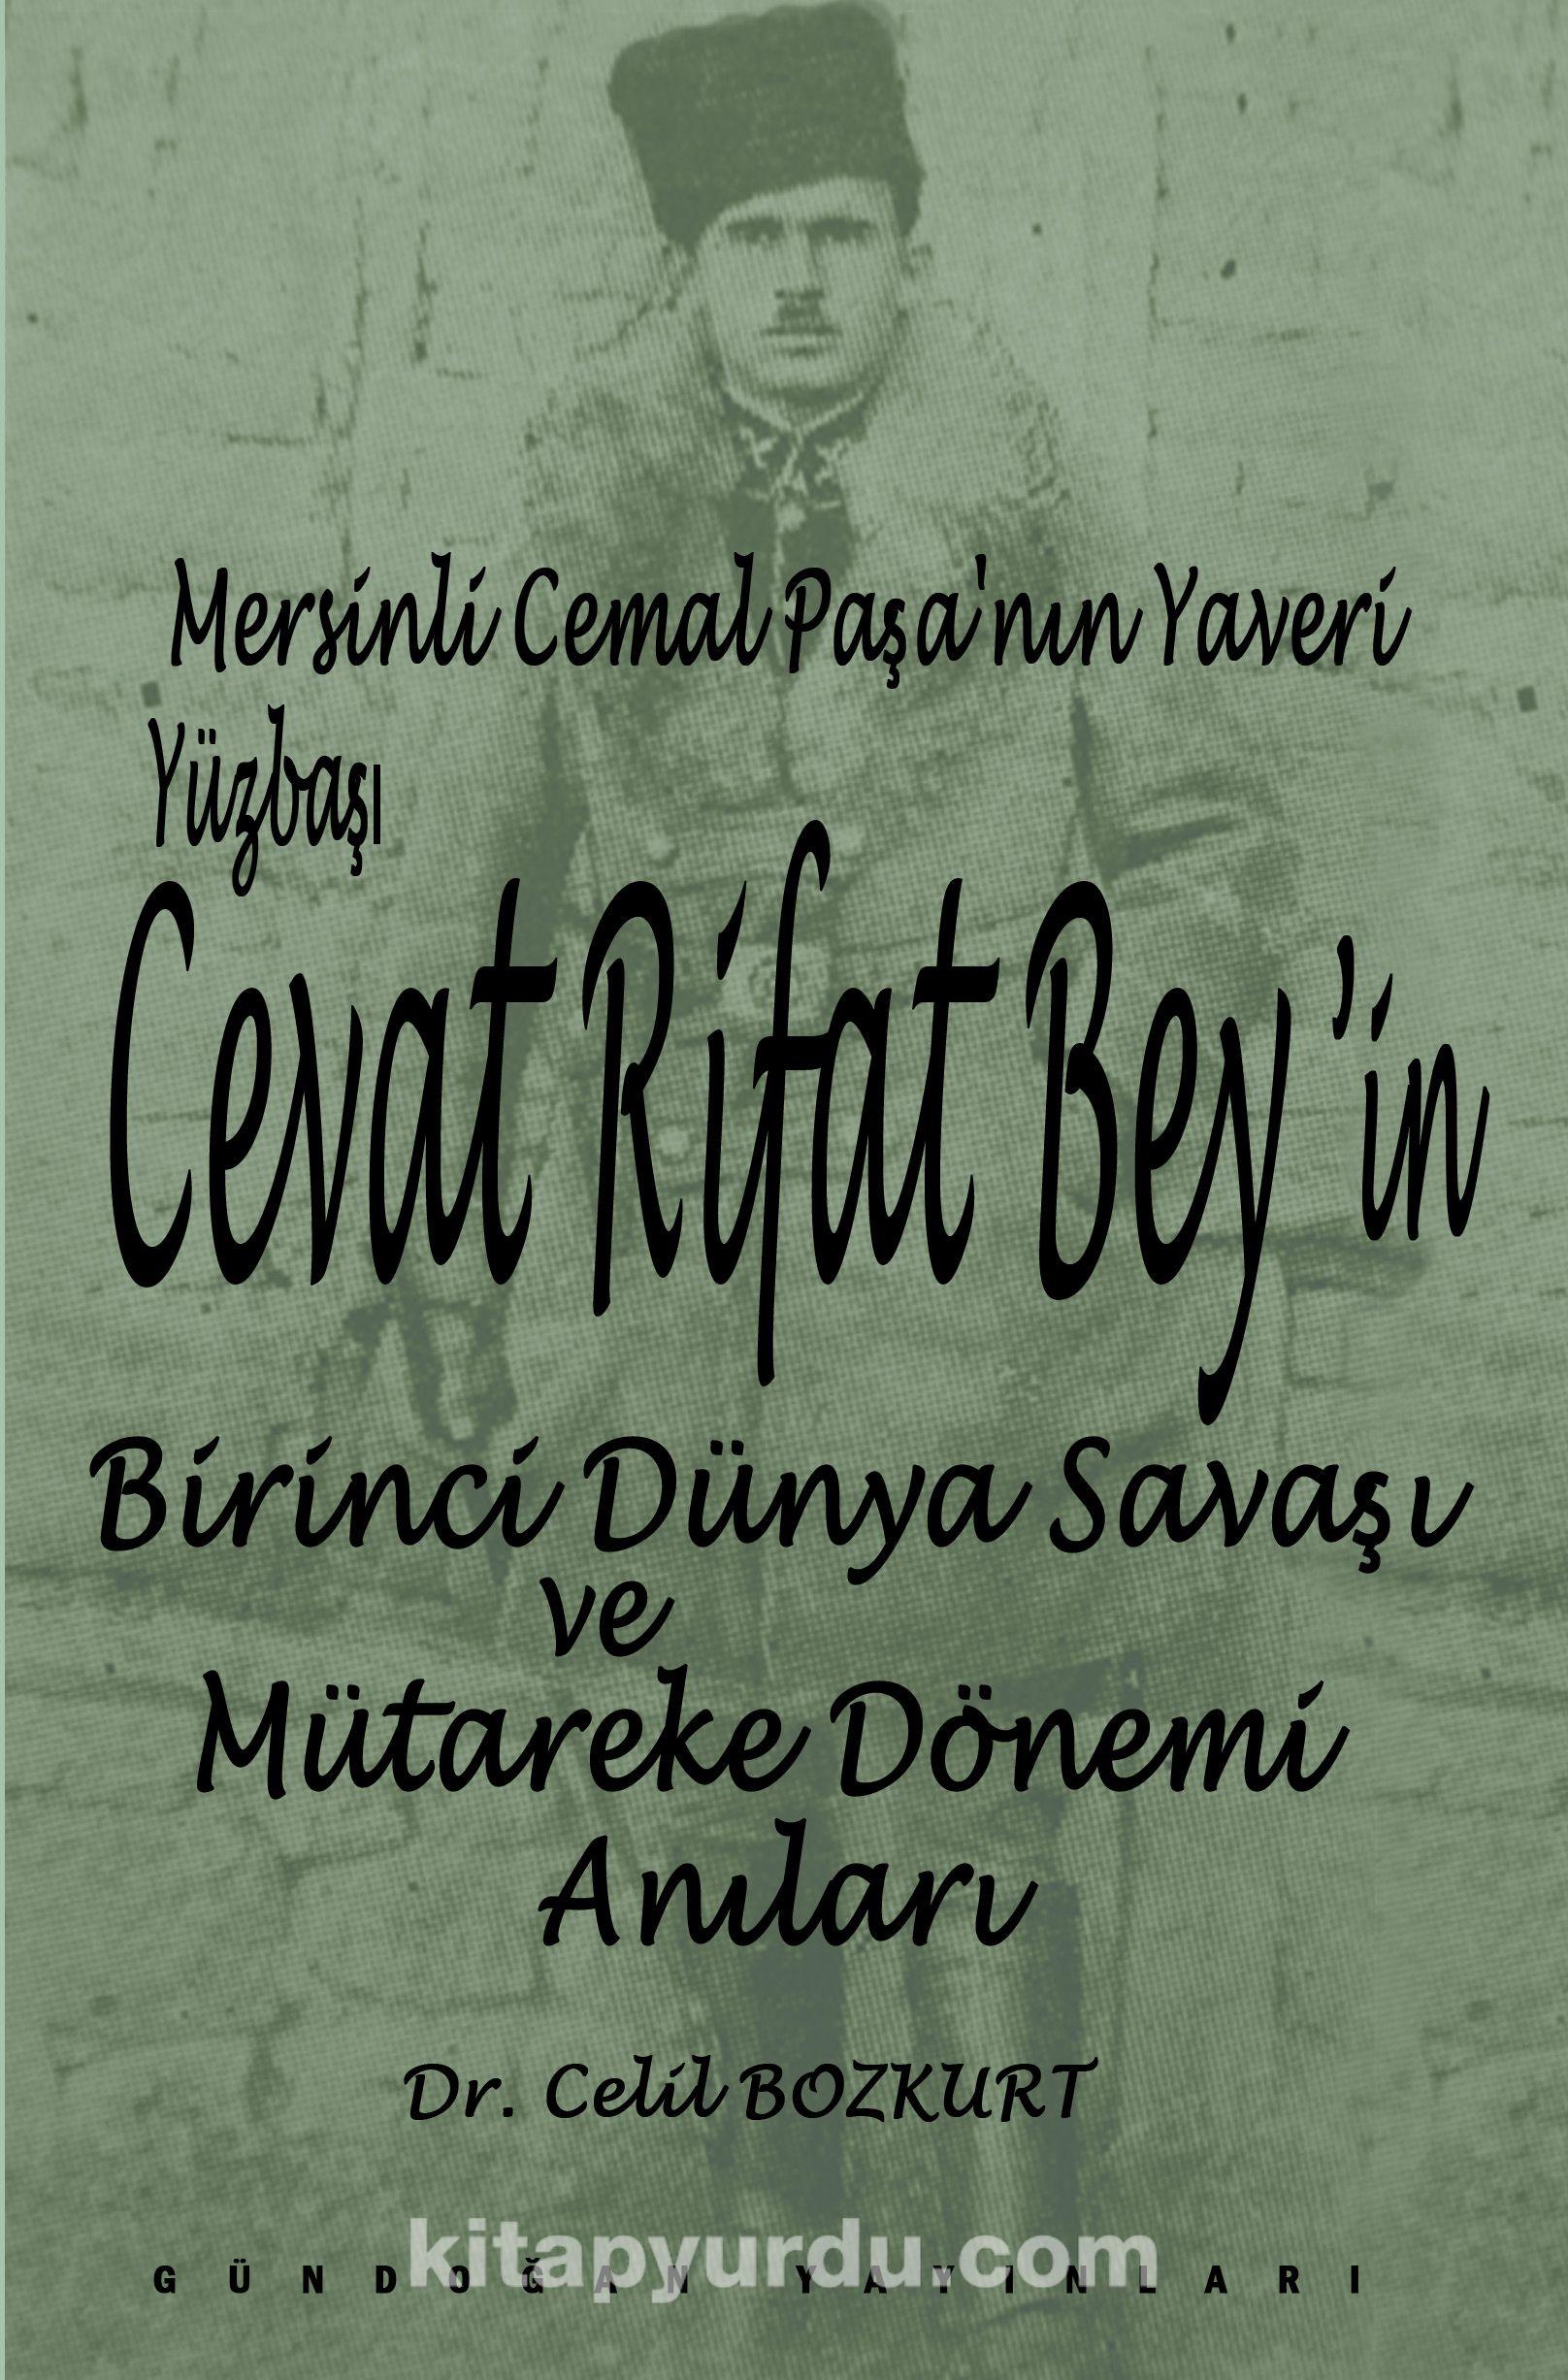 Mersinli Cemal Paşa'nın Yaveri Yüzbaşı Cevat Rifat Bey'in Birinci Dünya Savaşı ve Mütareke Dönemi Hatıraları - Celil Bozkurt pdf epub